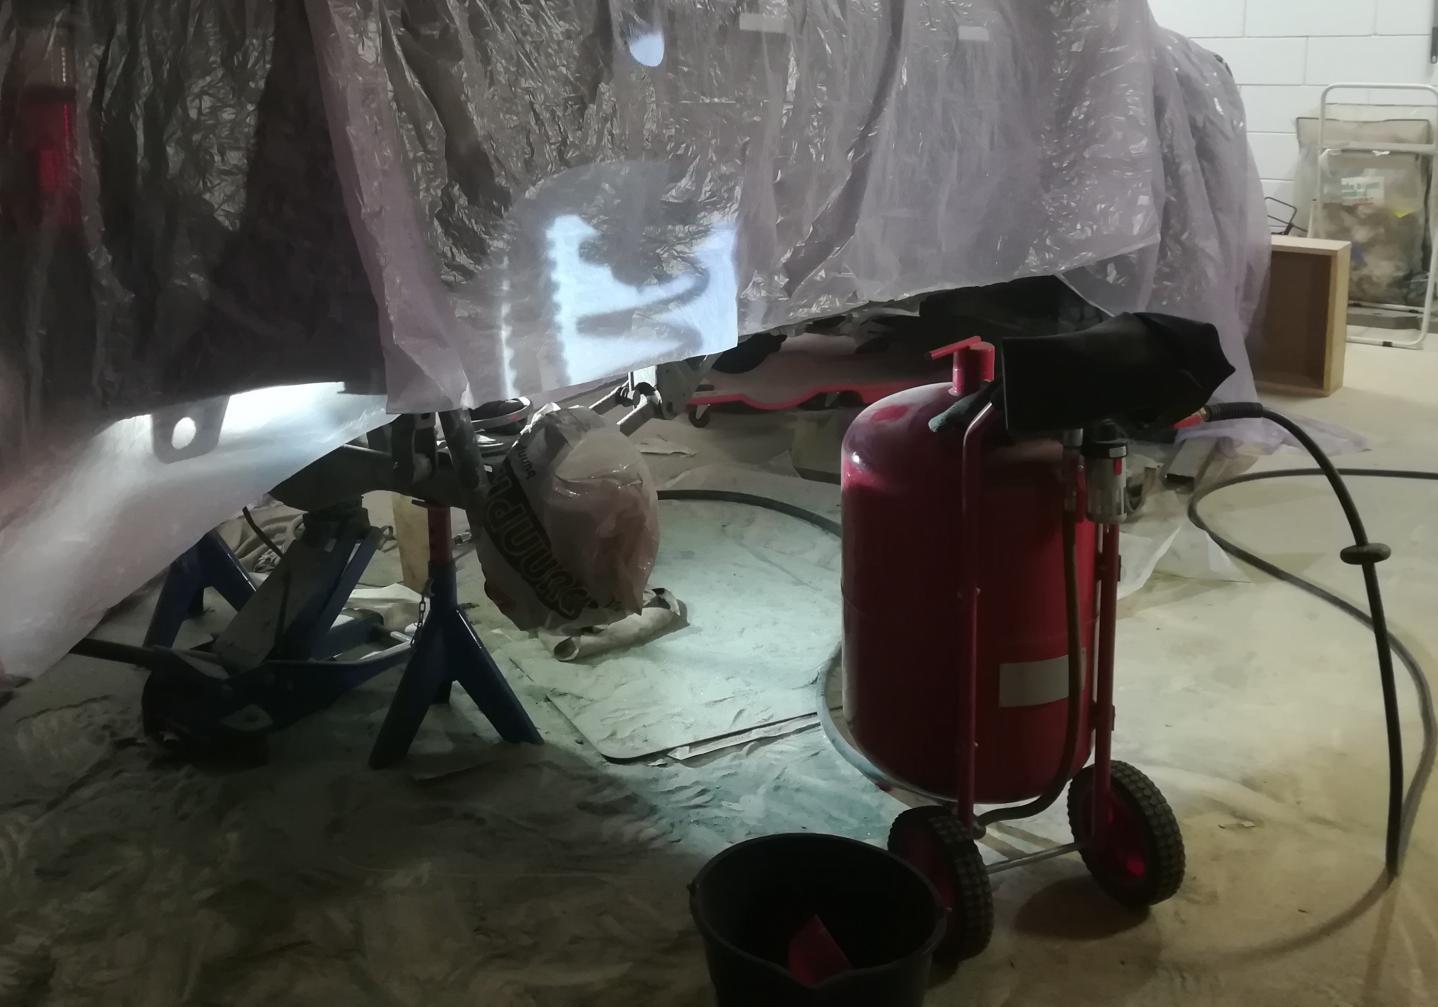 4R from North, Huge Rust repairs etc.-img_20190308_233454-jpg